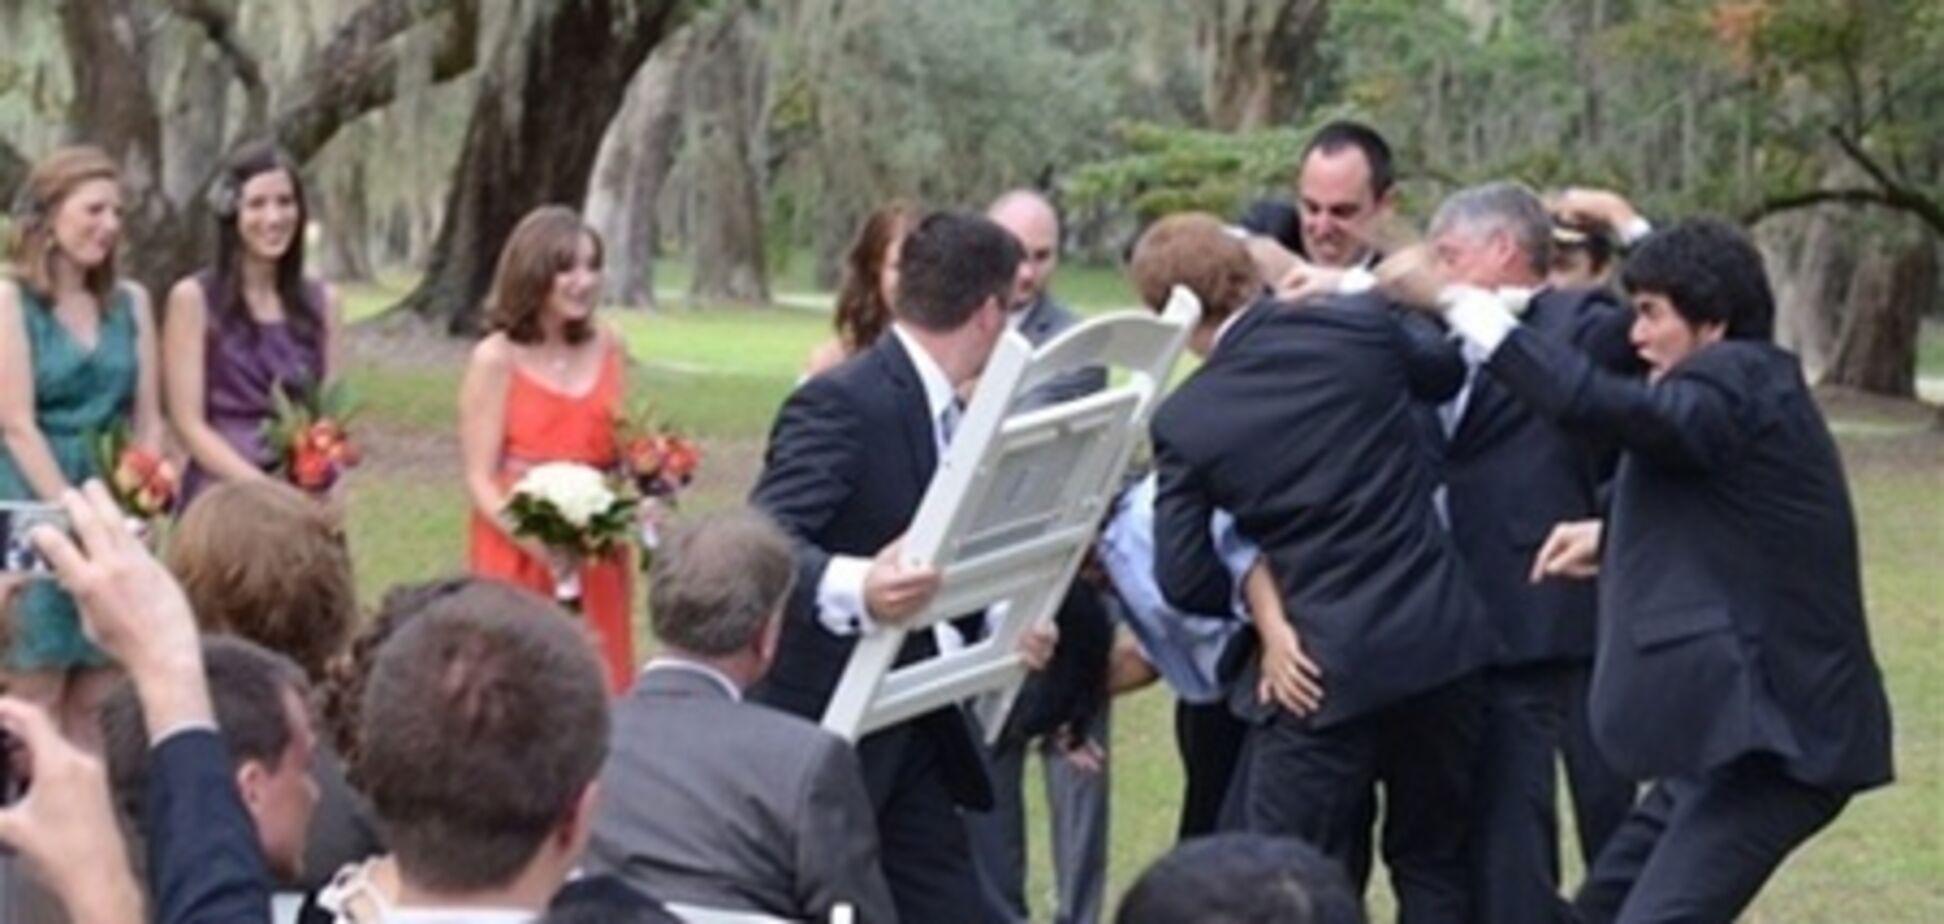 На британській весіллі сталася масова бійка за їжу